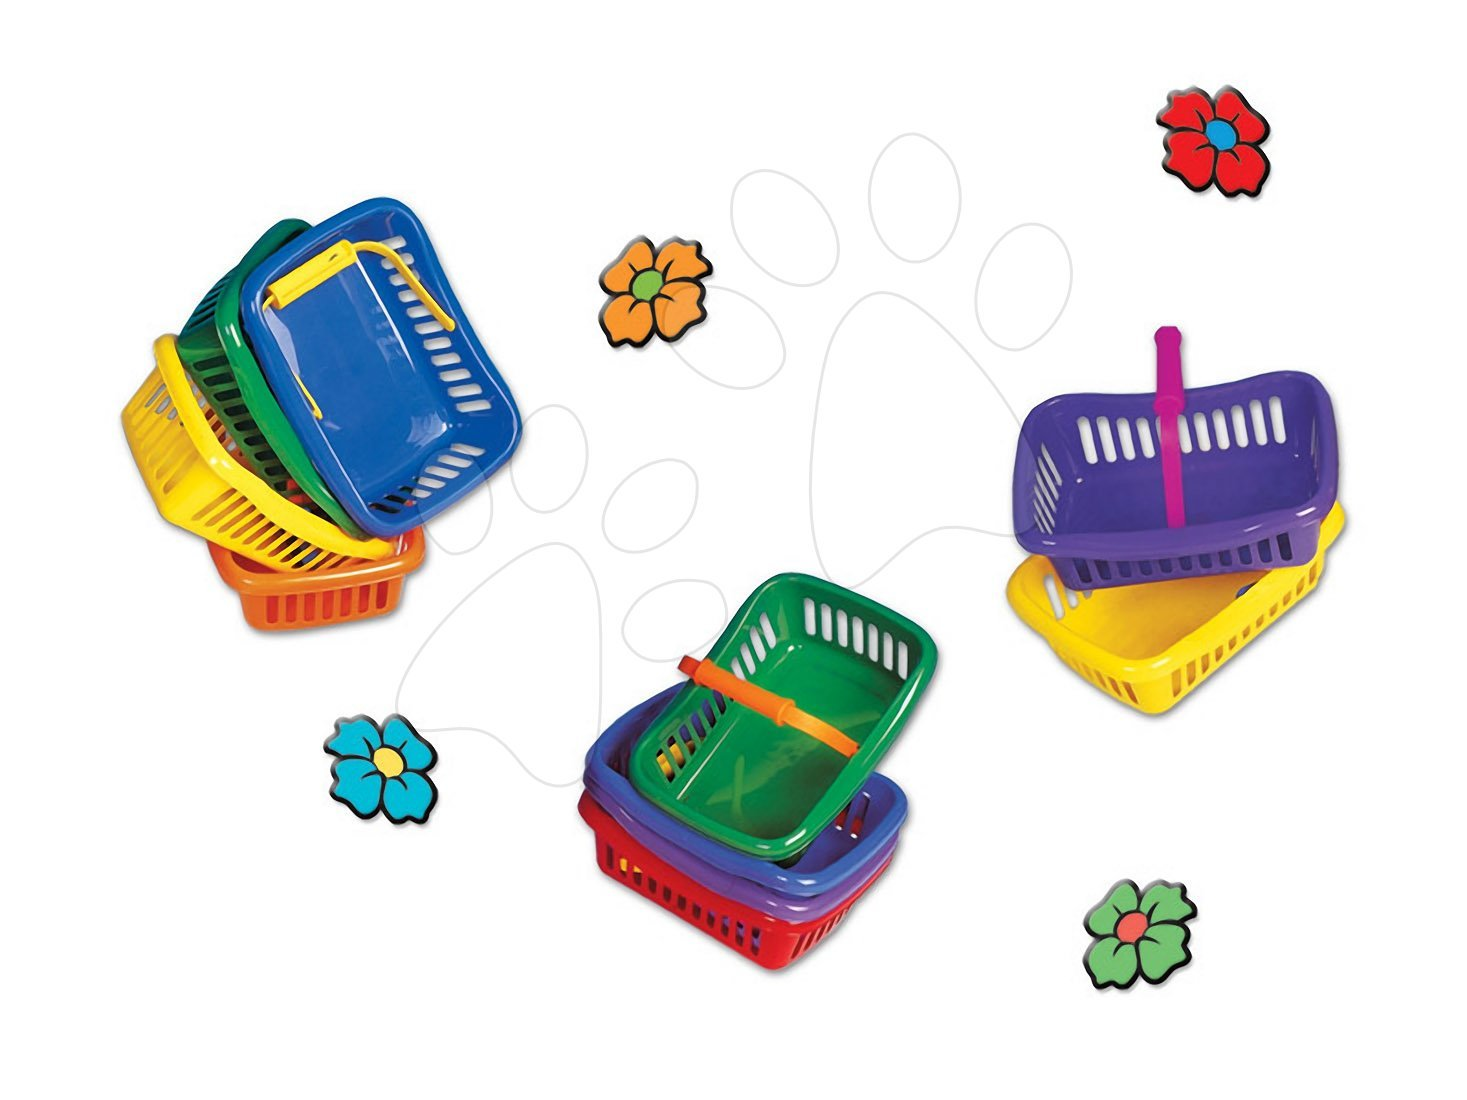 Piknik košara Dohány majhna različnih barv